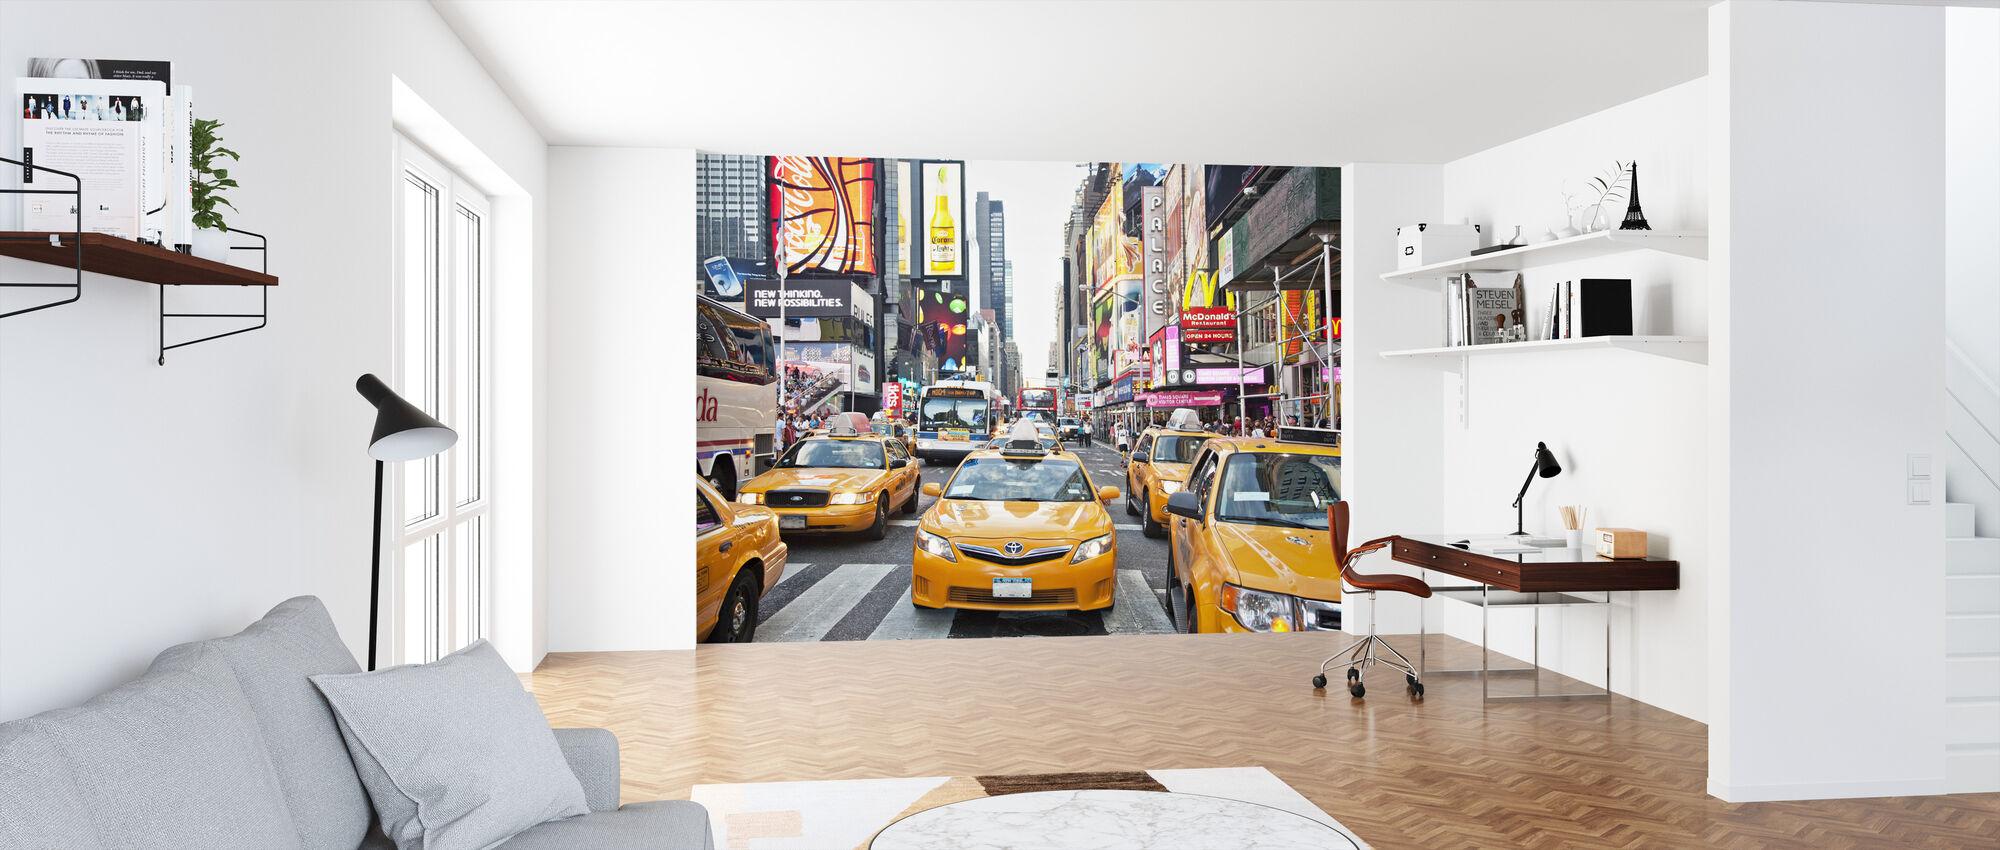 Taksit ja kapitalismi, New York - Tapetti - Toimisto